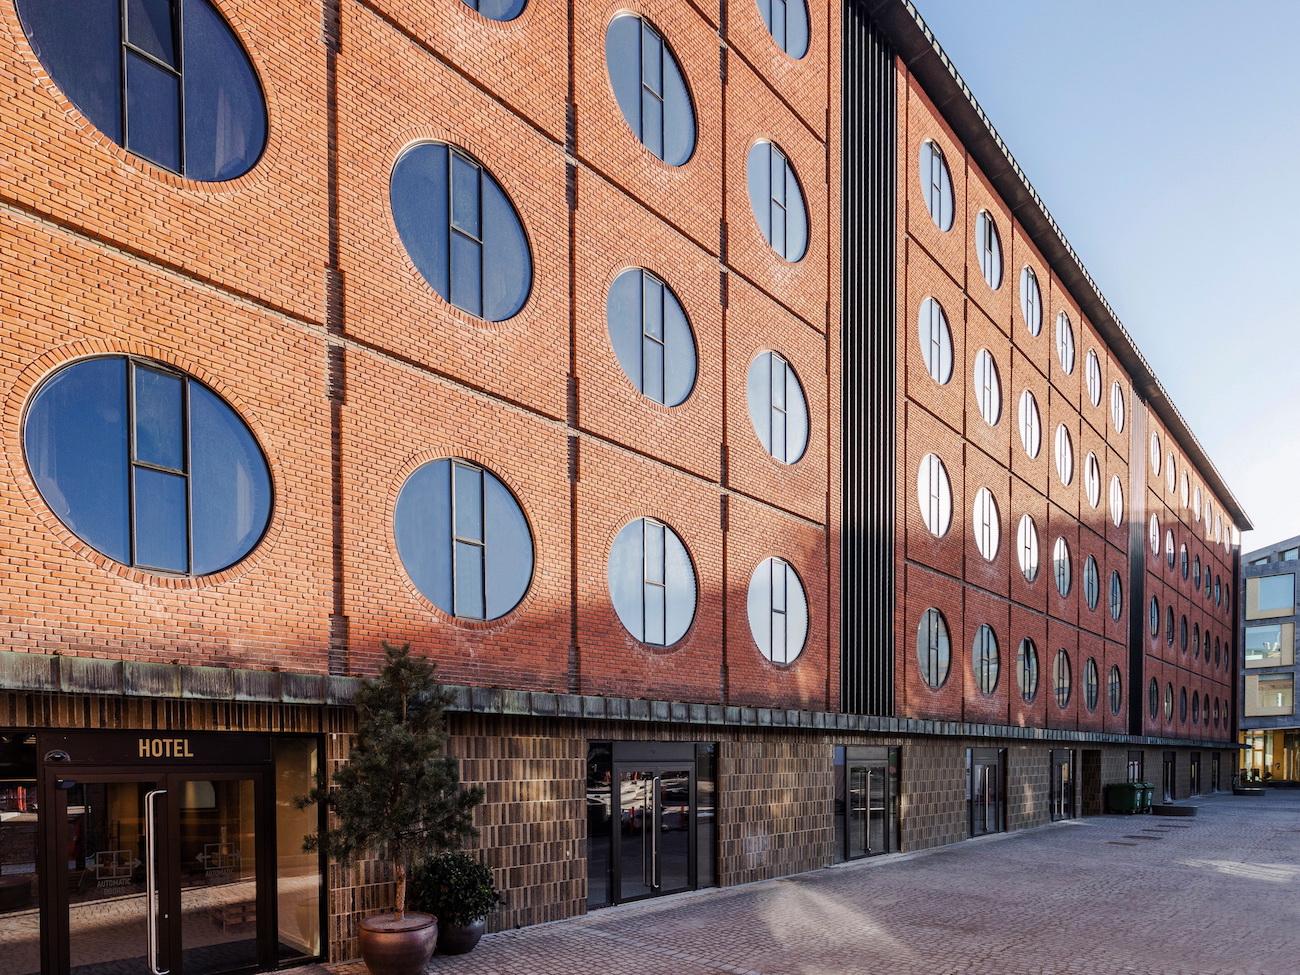 Luxus boutique hotel in kopenhagen industrial style auf for Boutique hotel kopenhagen